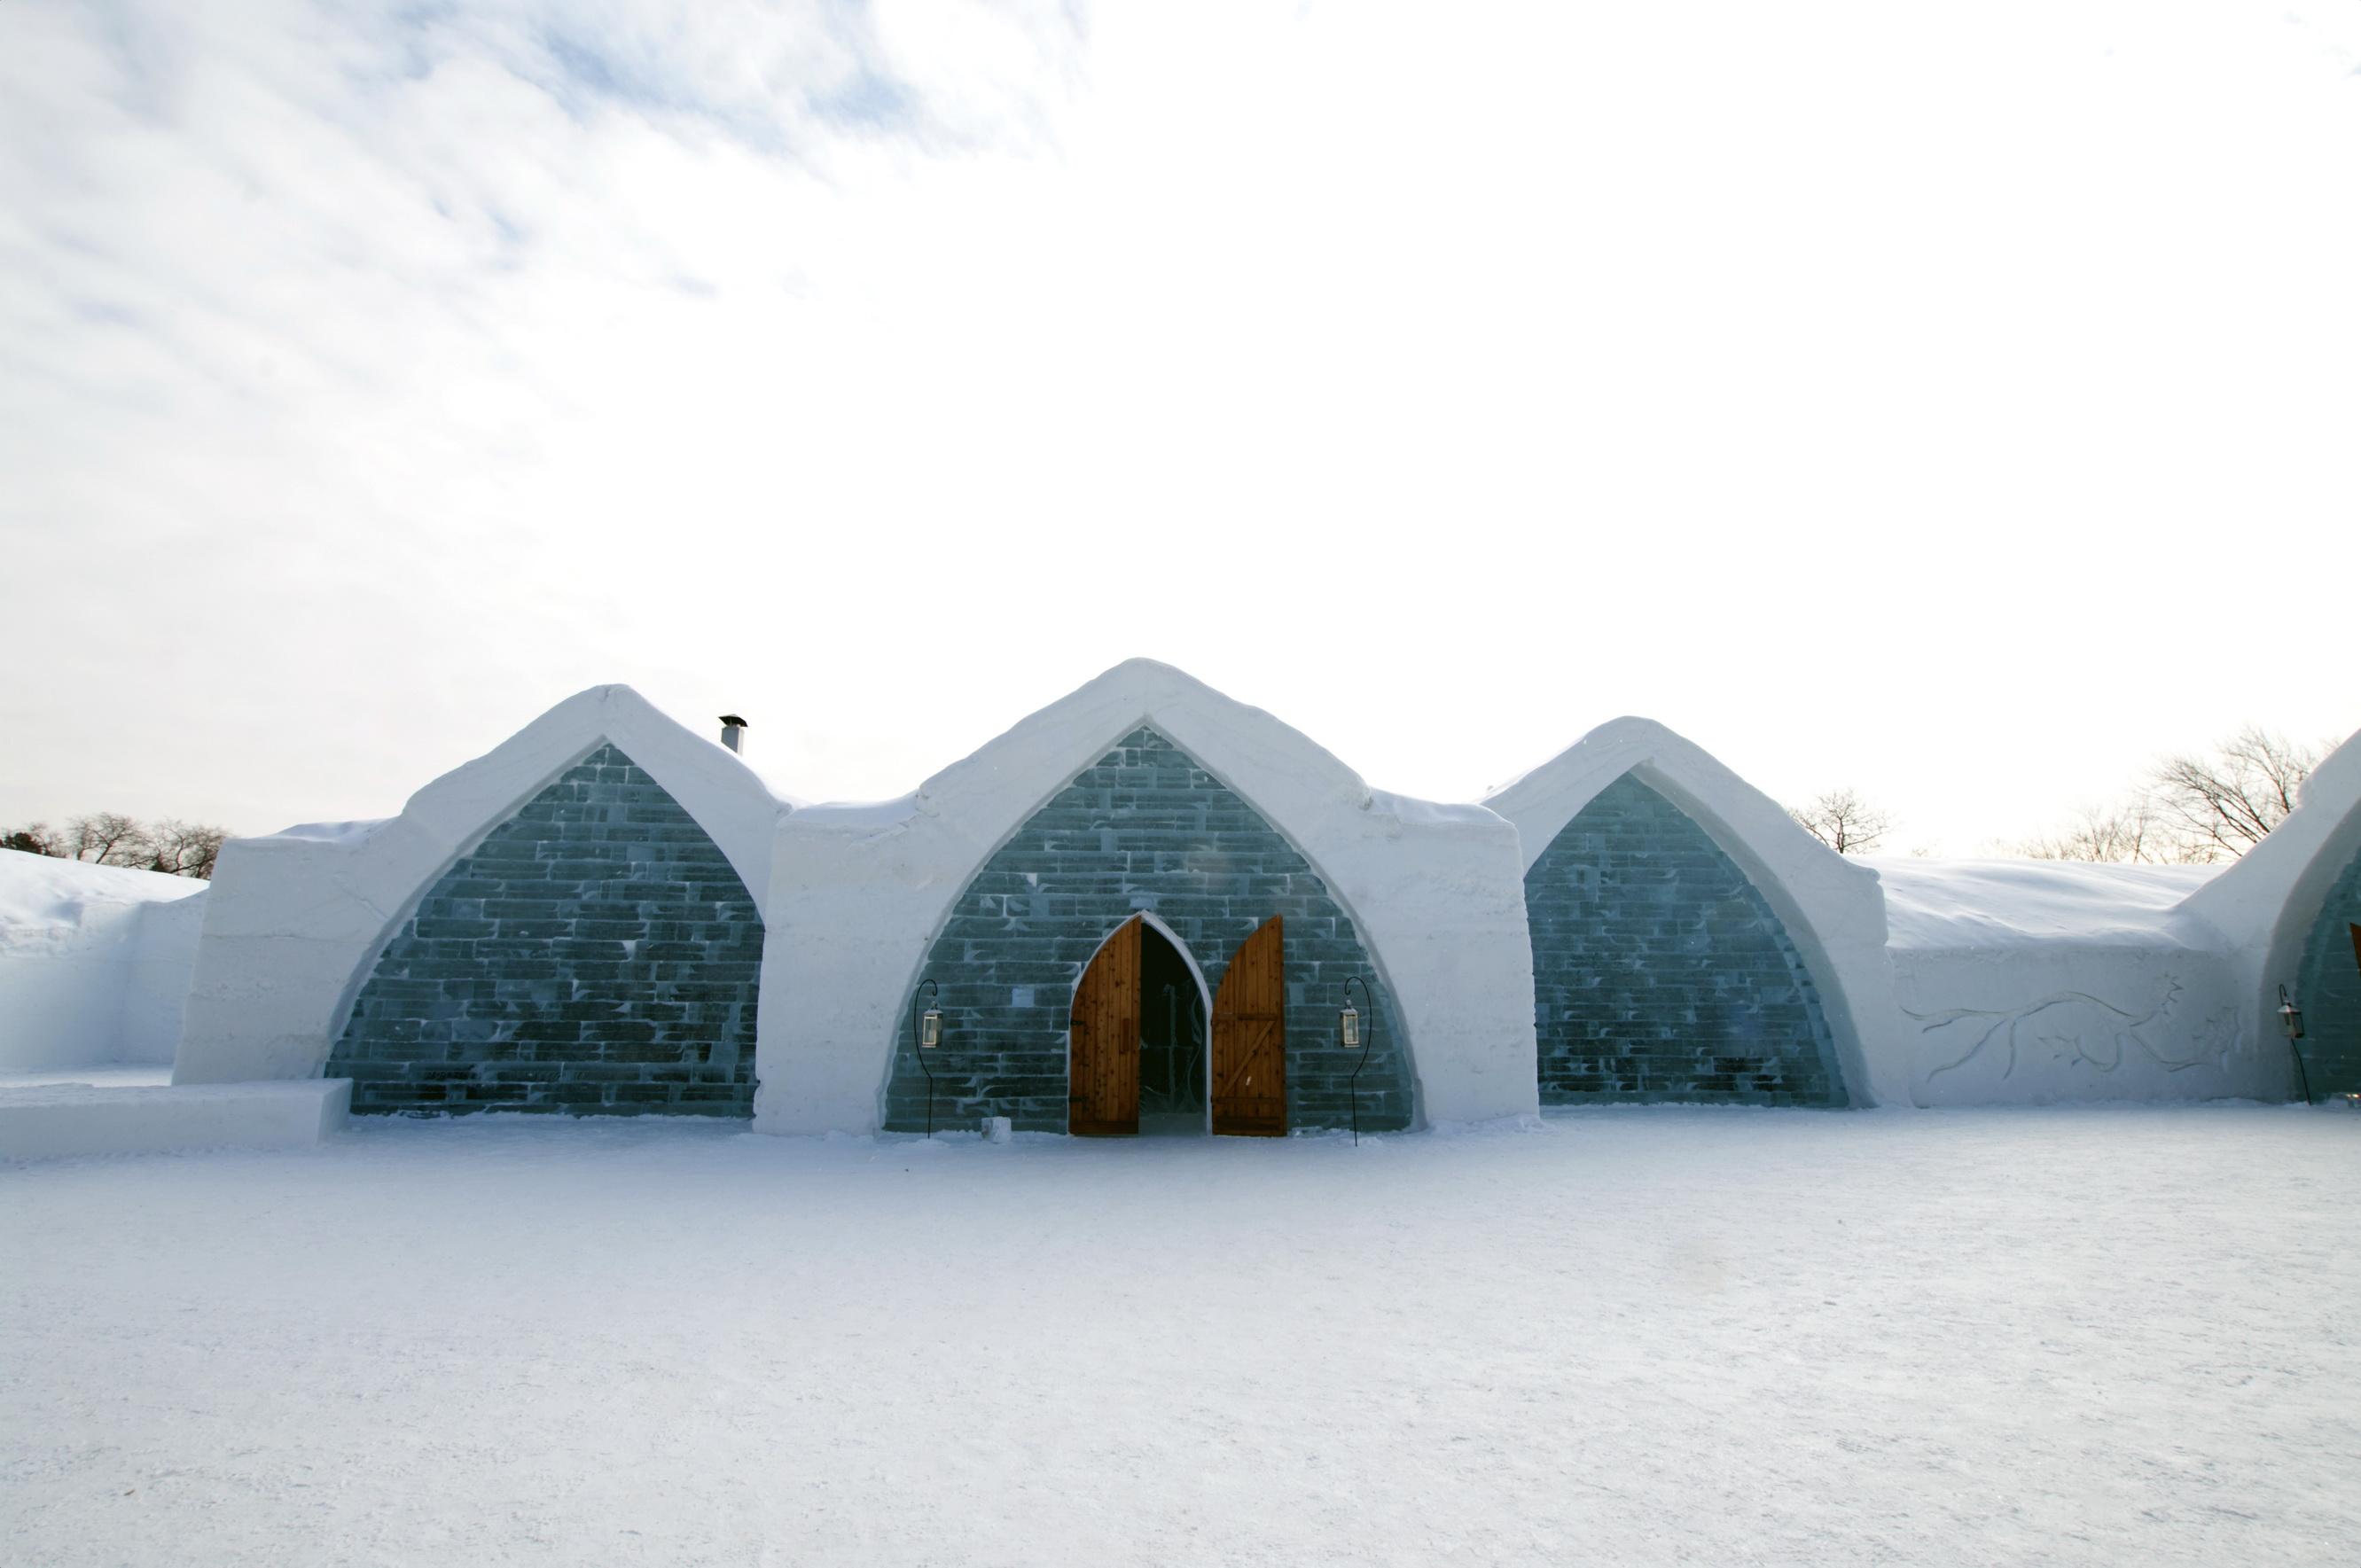 hotel de glace les beaut s de montr al. Black Bedroom Furniture Sets. Home Design Ideas